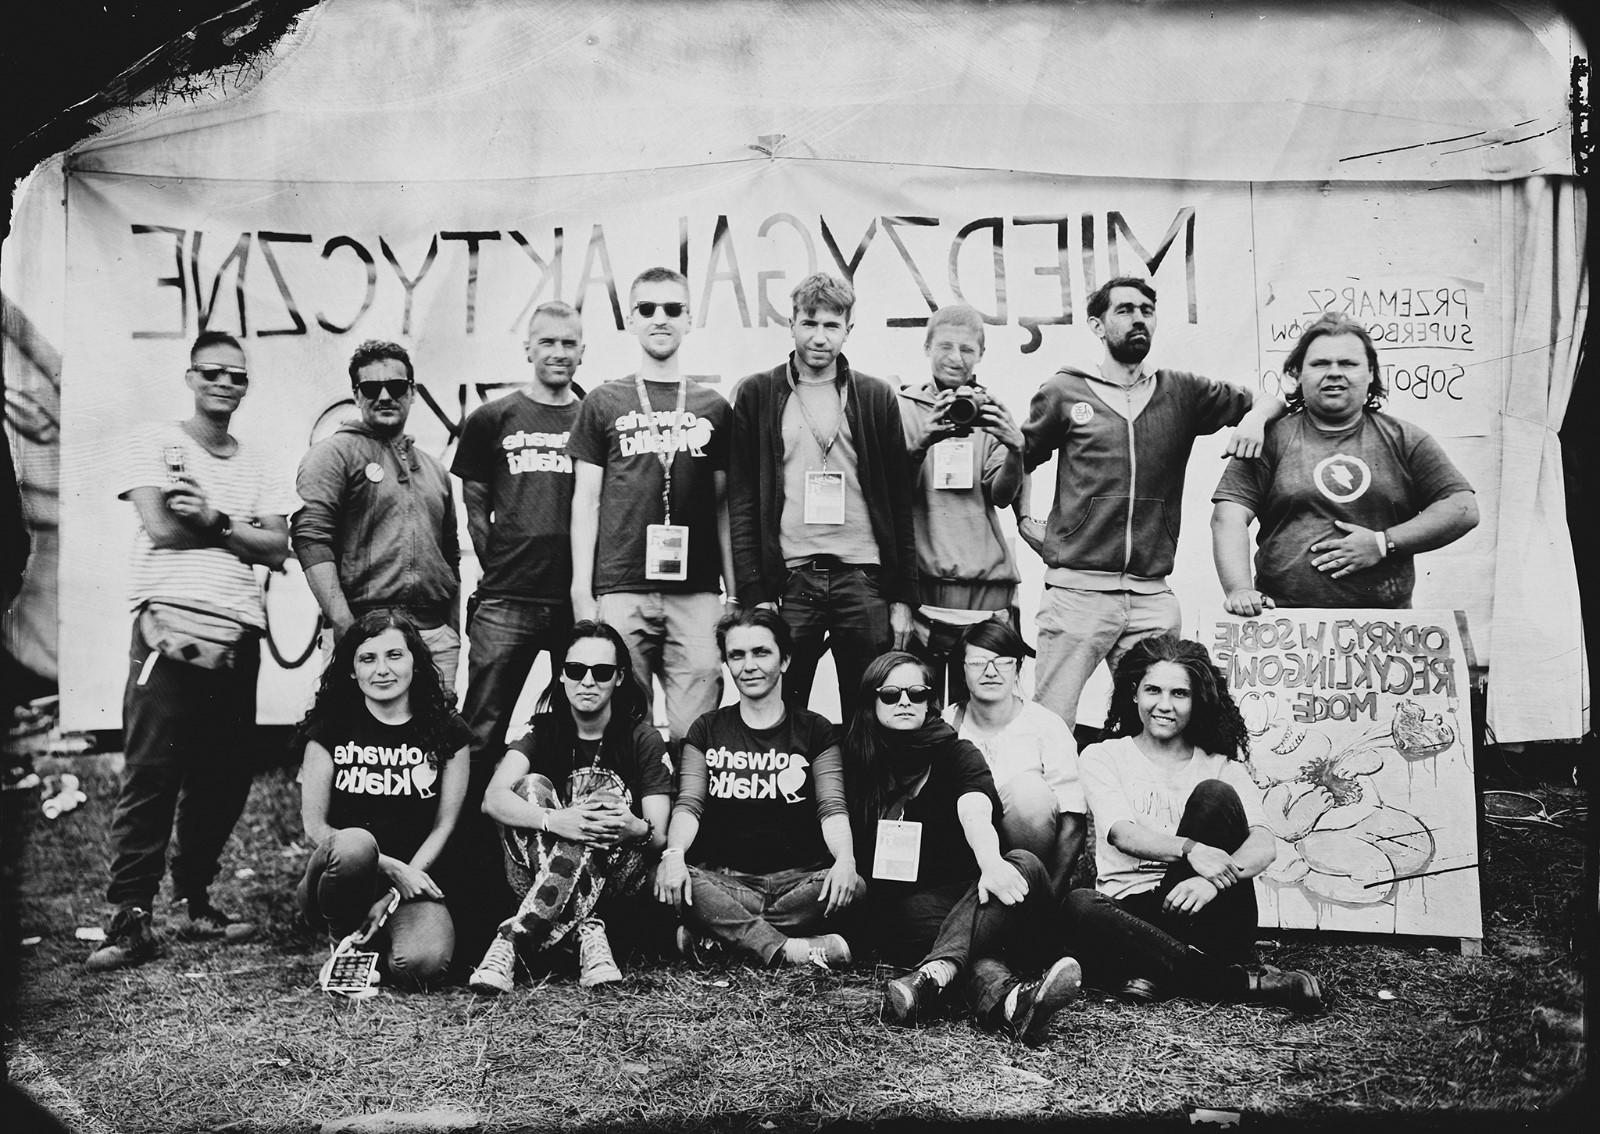 Przystanek Woodstock 2015 - Mokry Kolodion - Street Collodion Art (1)